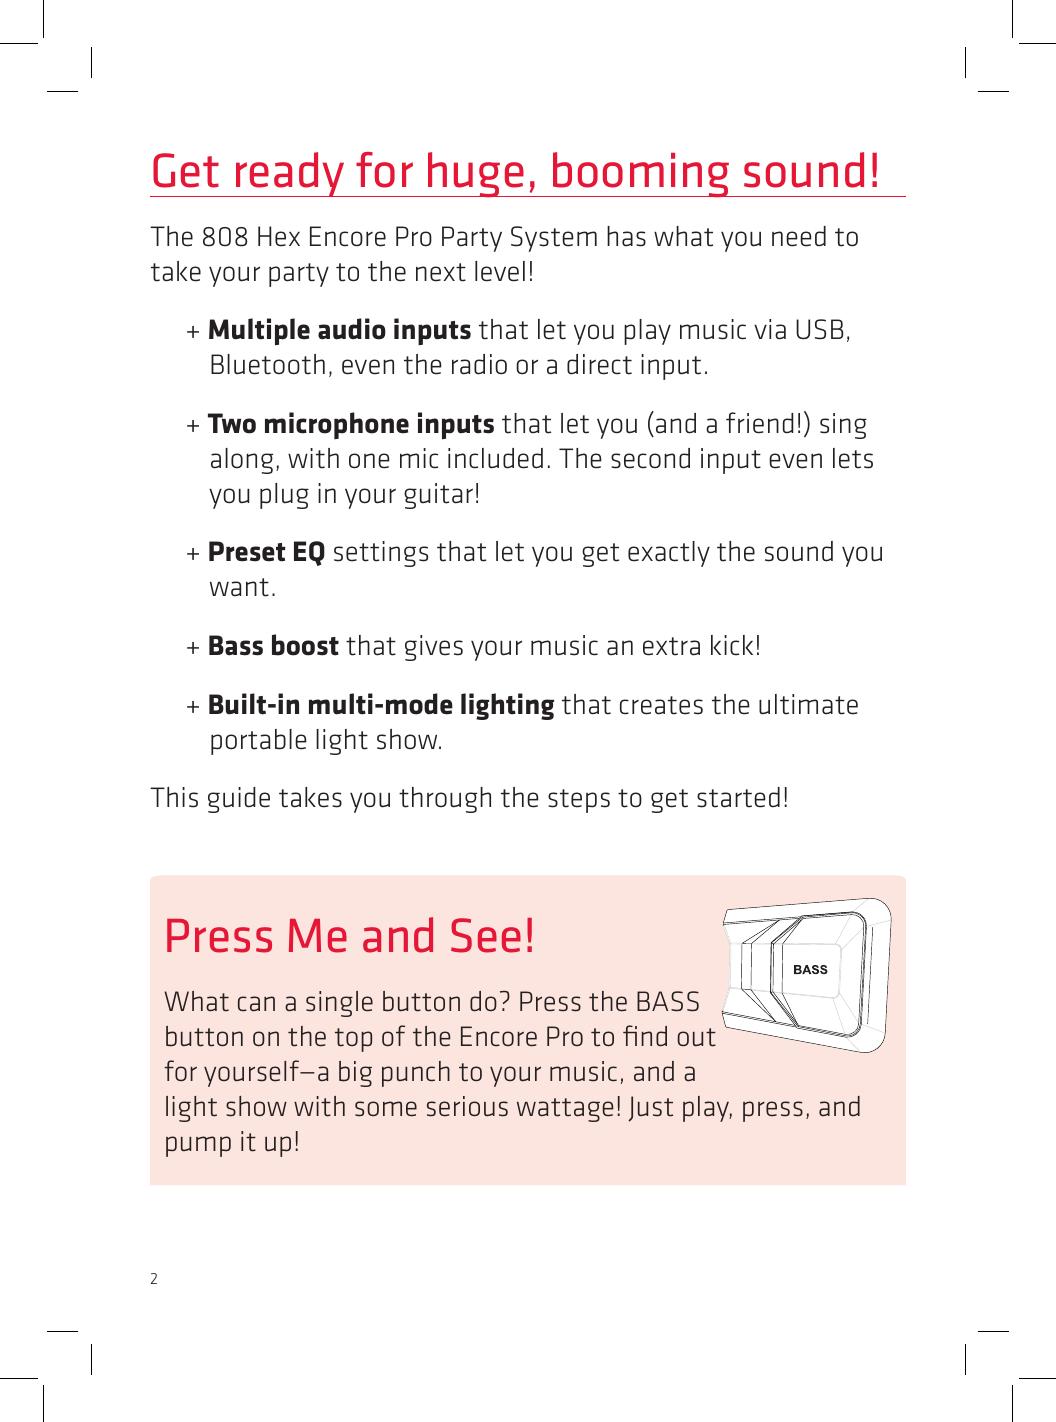 Voxx Accessories SP491 Wireless Speaker User Manual